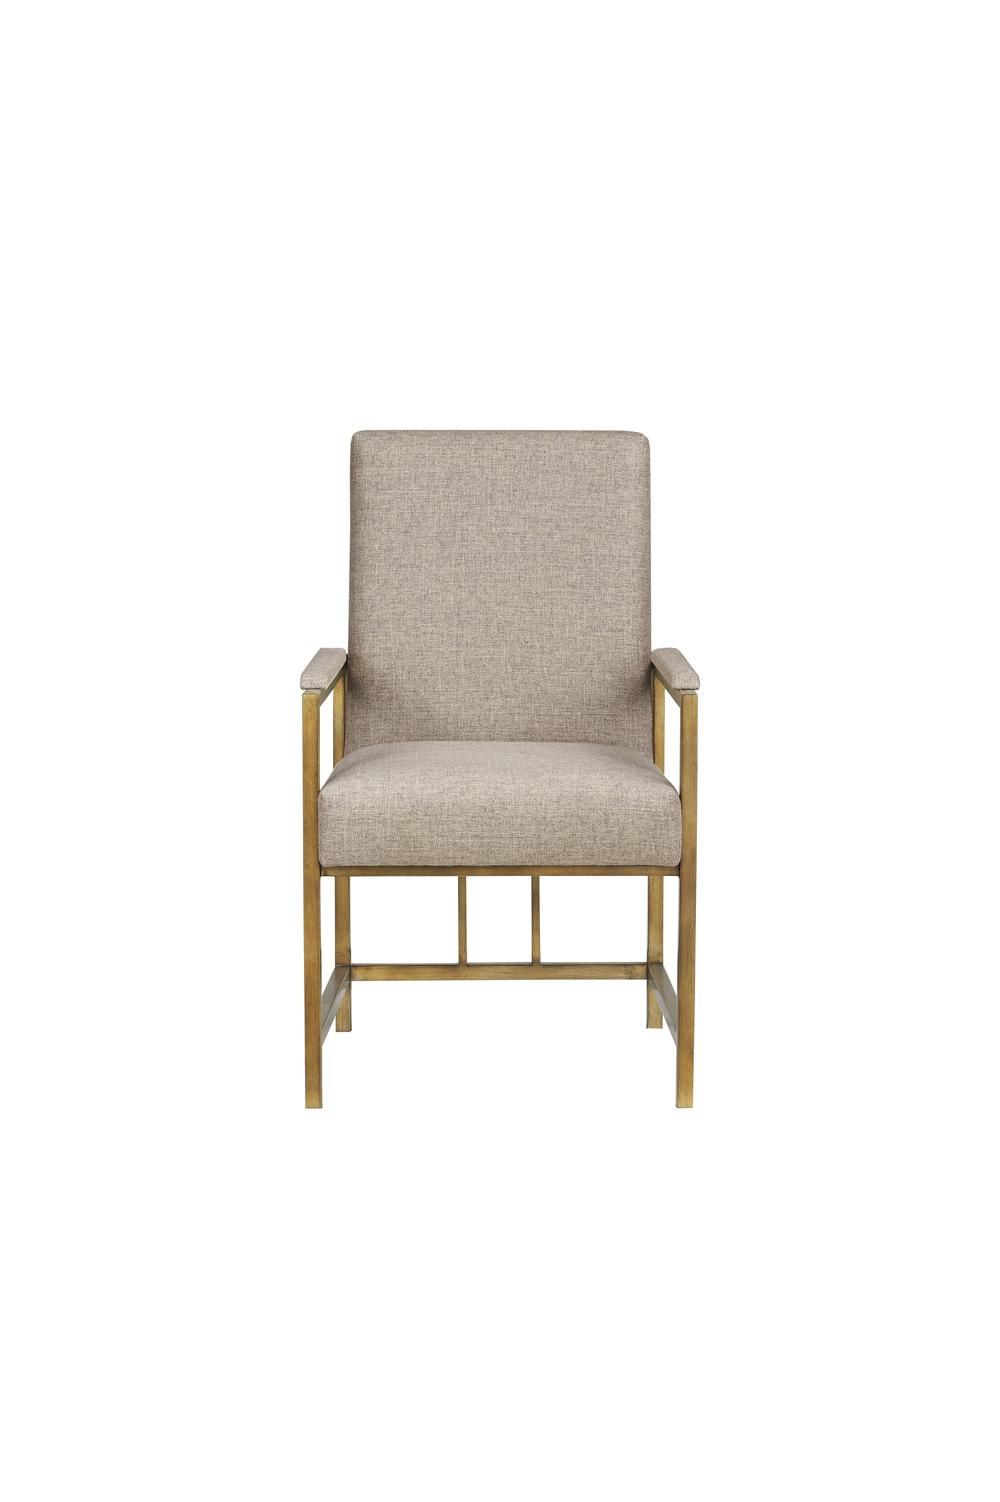 A.R.T. Furniture - Kahn Arm Chair